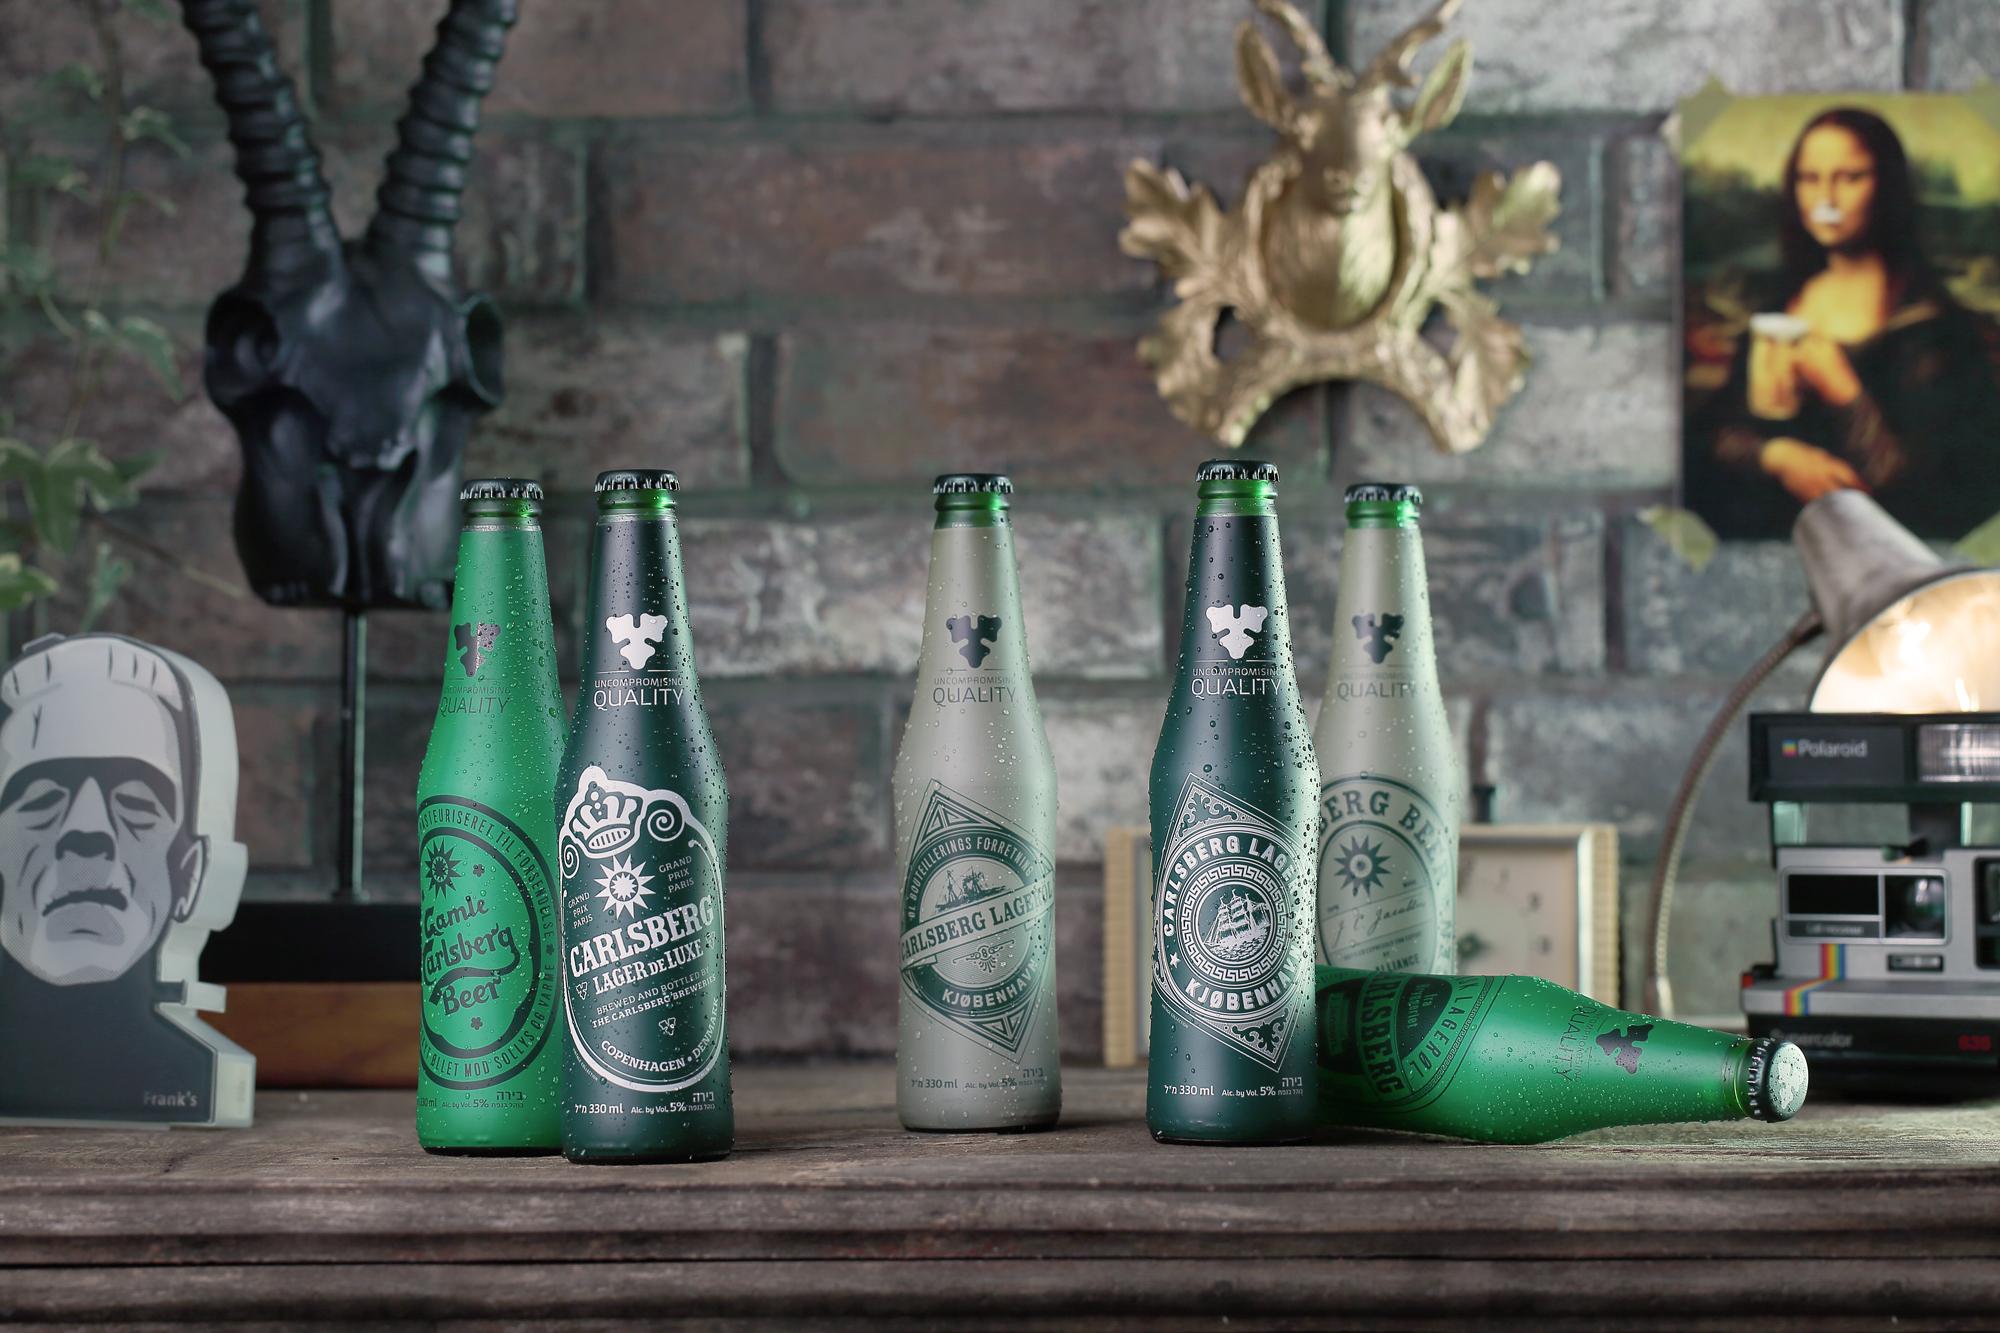 Carlsberg vintage collection:серия из шести уникальных бутылок с винтажным дизайном к170-летию Carlsberg